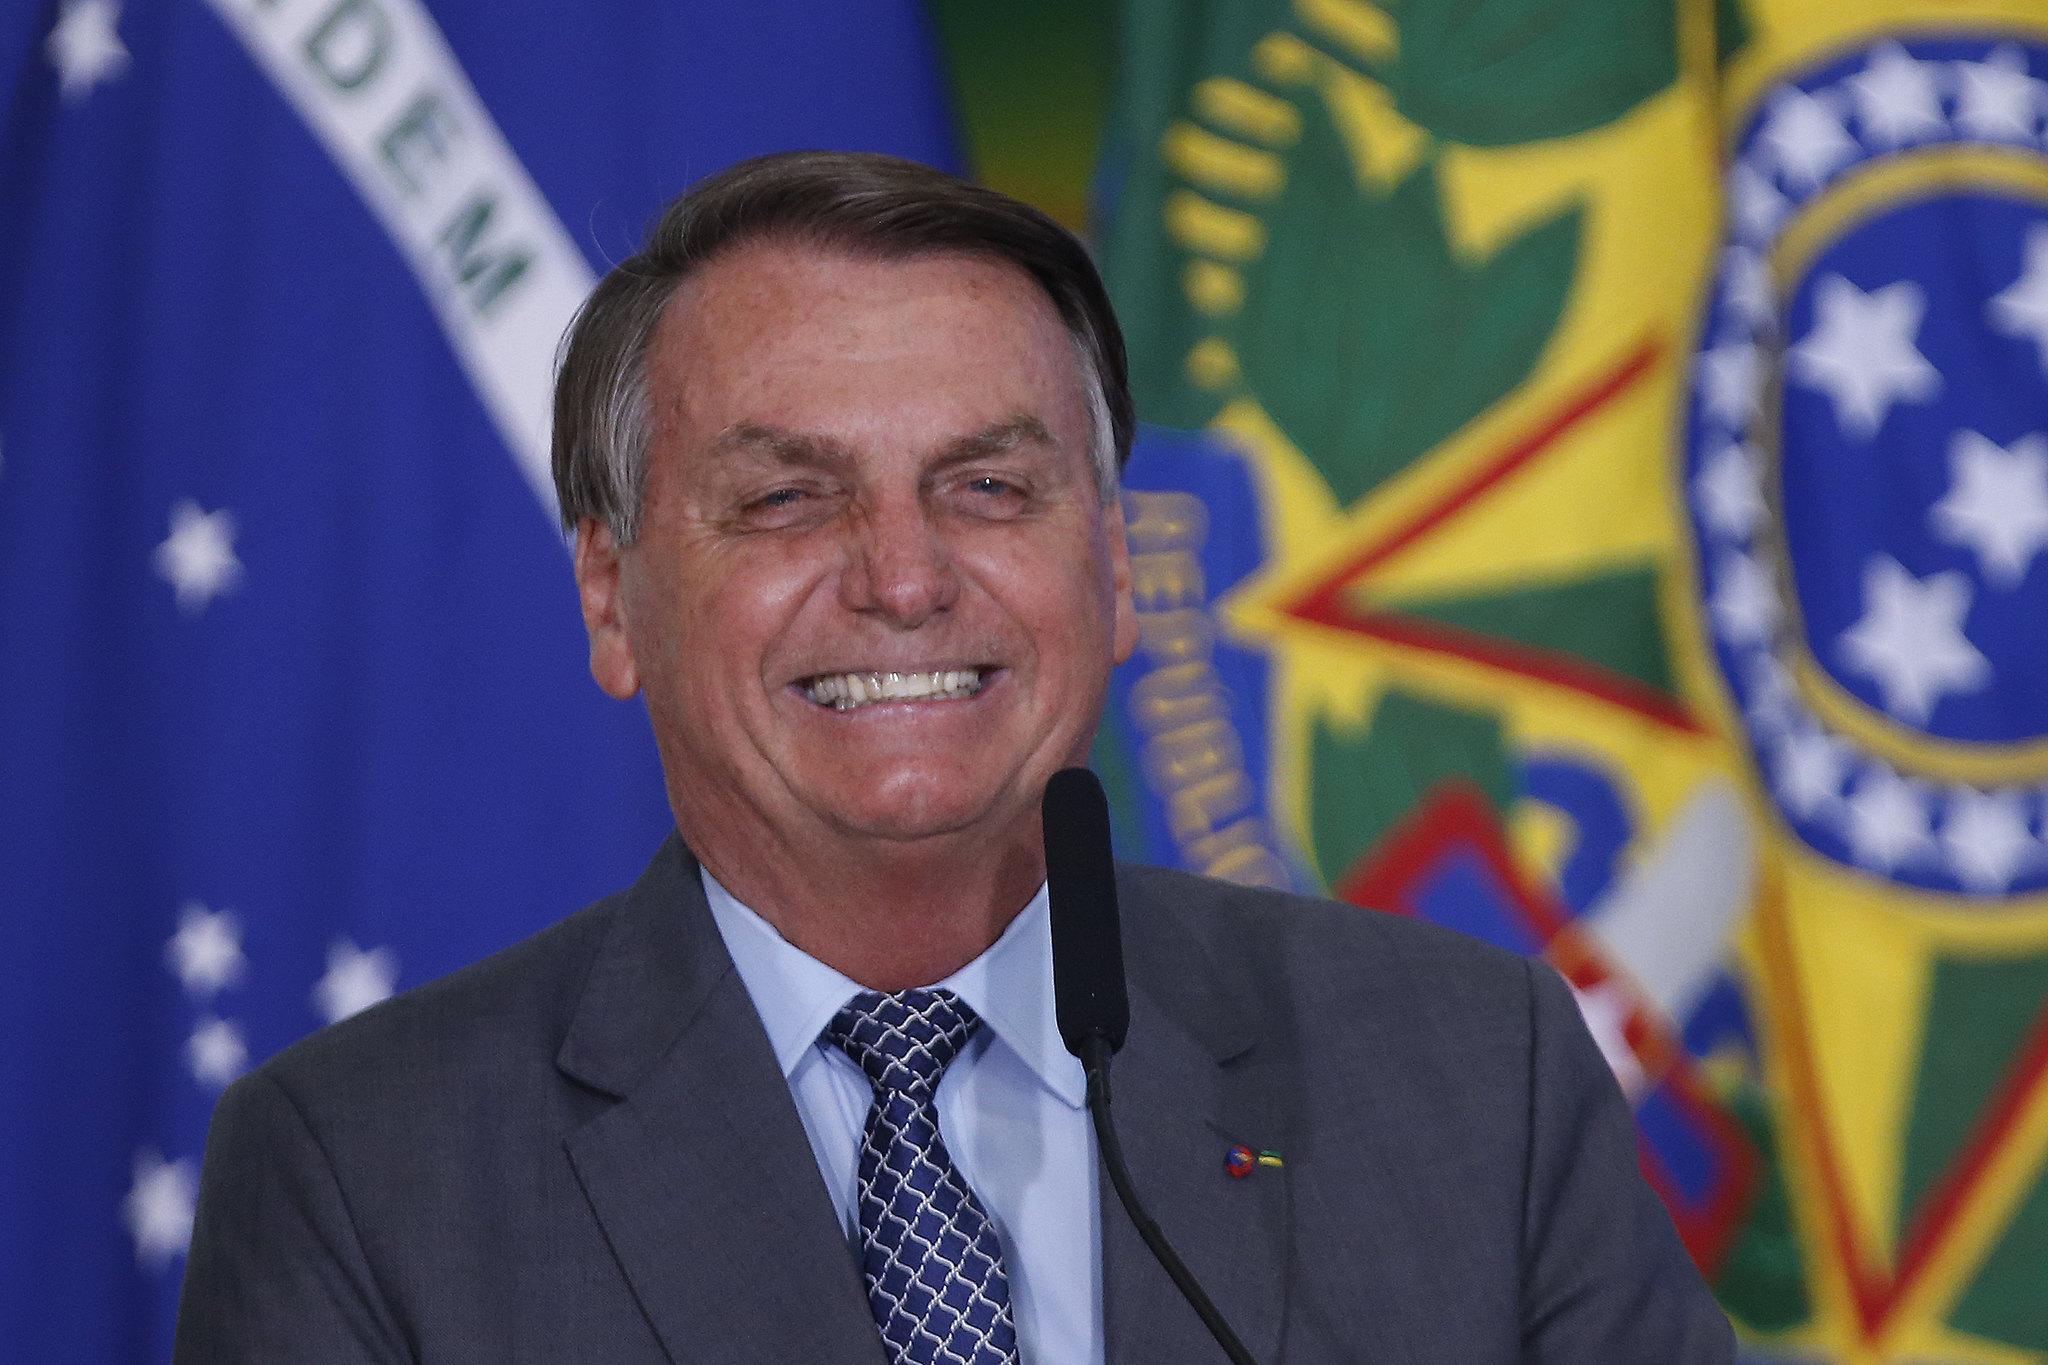 IMAGEM: Empresário custeou propaganda eleitoral de Bolsonaro sem declarar à Justiça, mostra PF